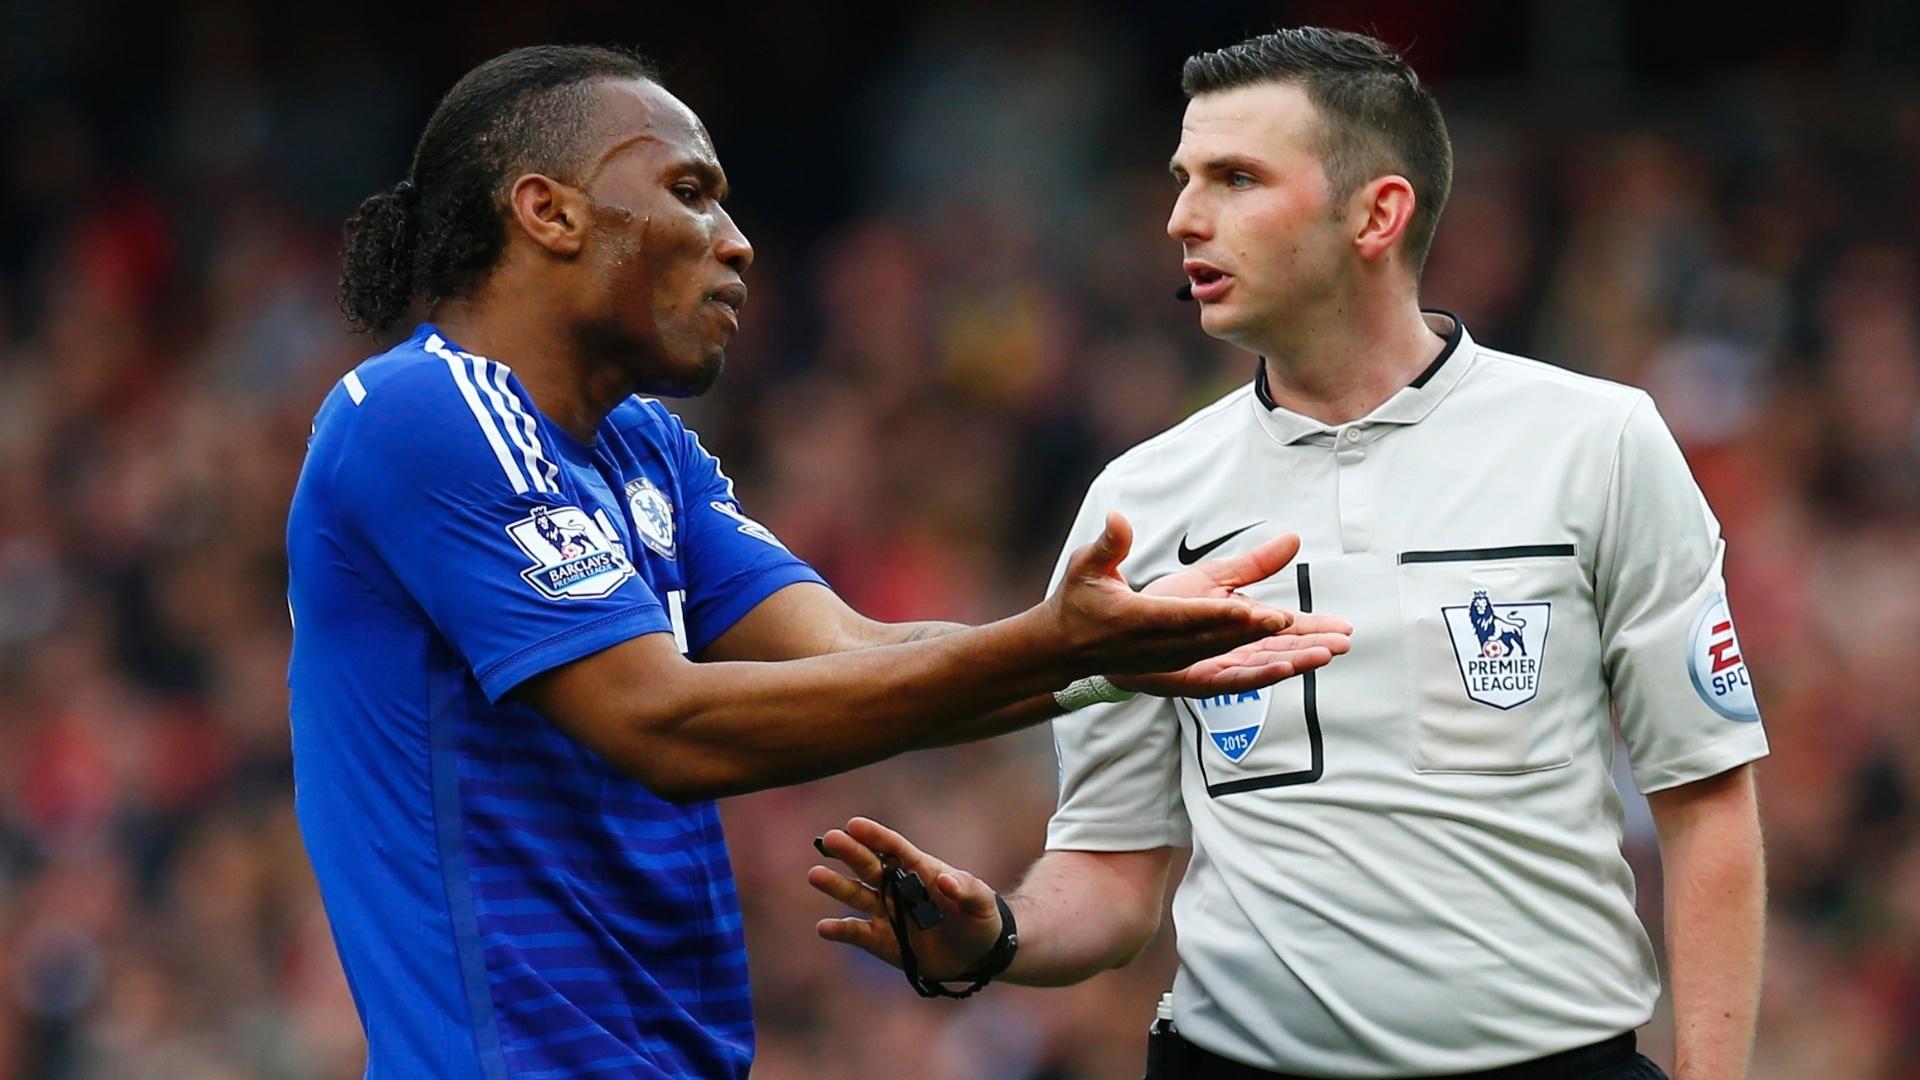 Drogba reclama com árbitro durante a partida entre Chelsea e Arsenal